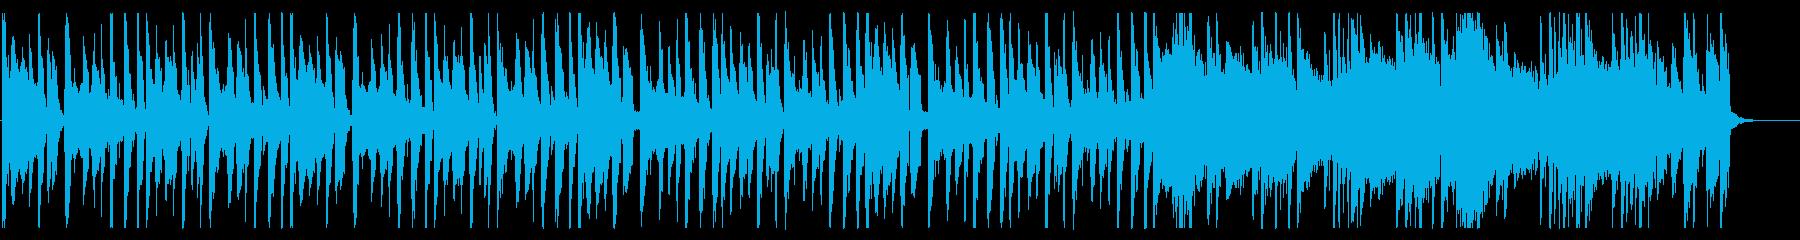 浮遊感が溢れるBGM_No580_2の再生済みの波形